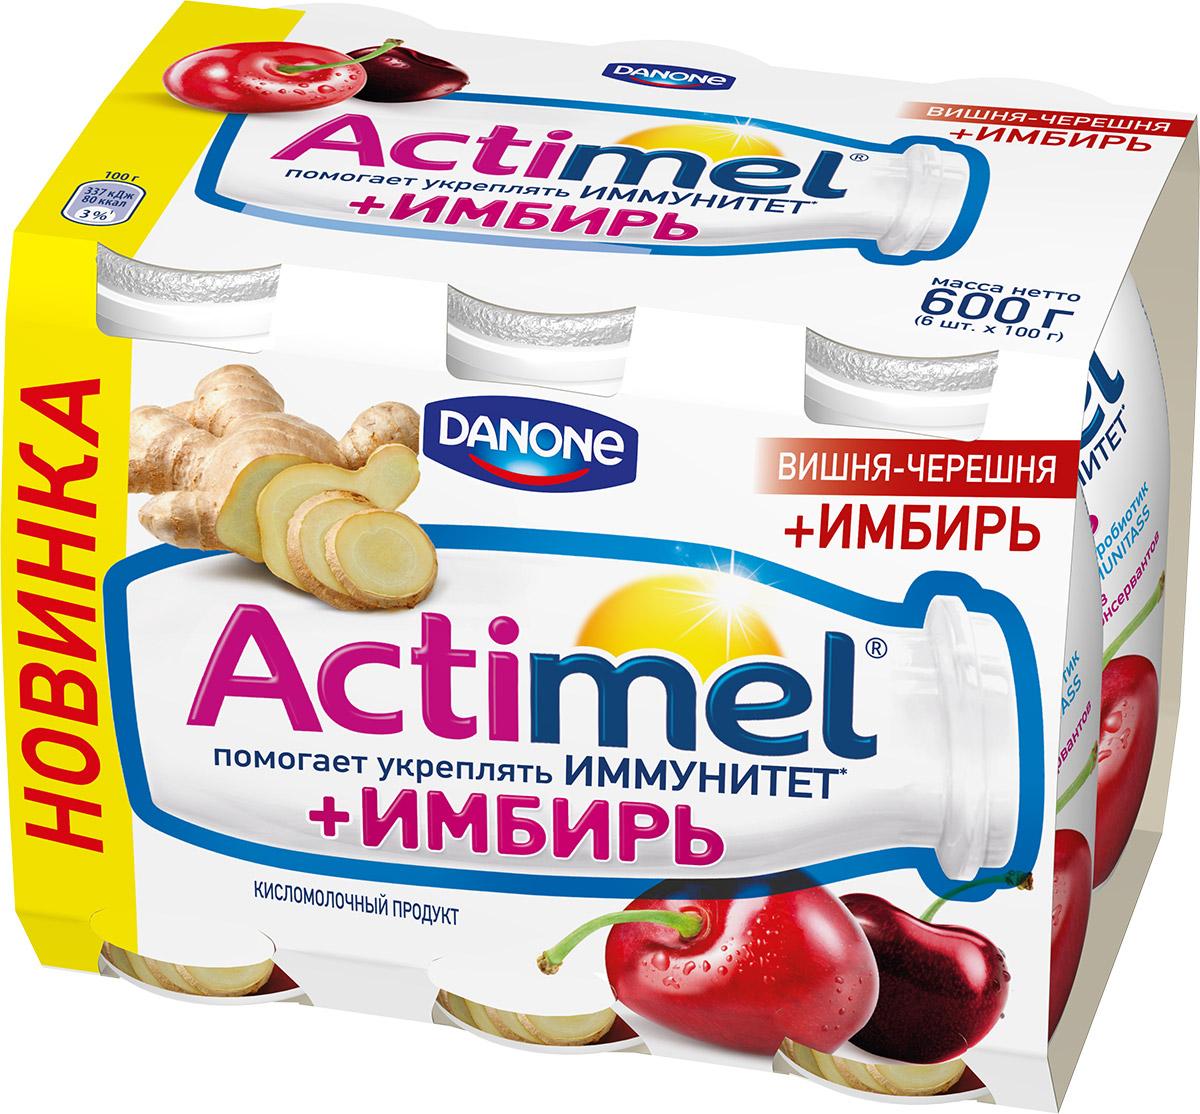 Актимель Продукт кисломолочный, Вишня-черешня с имбирем 2,5%, 6 шт по 100 г актимель продукт кисломолочный детский клубника банан 2 5